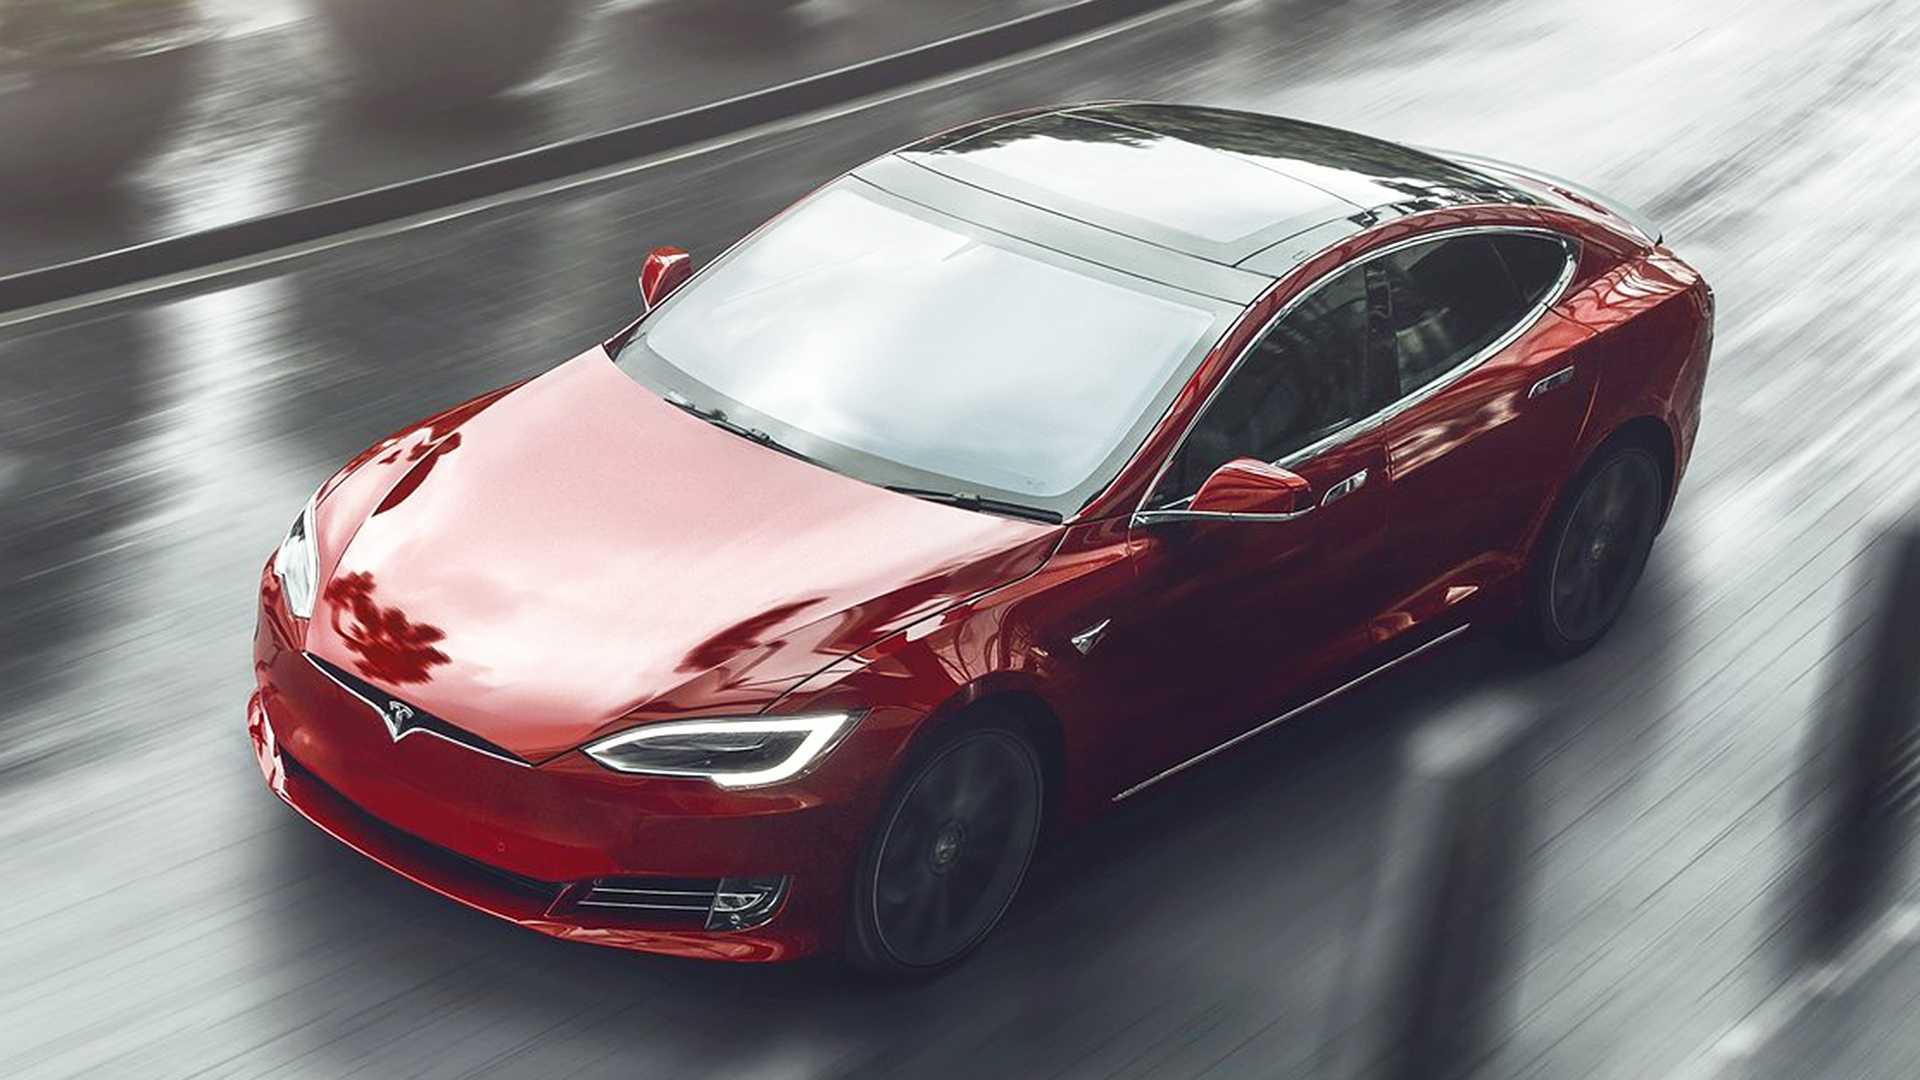 Тесла Модель S Performance получает лучшие награды современного автомобиля Muscle